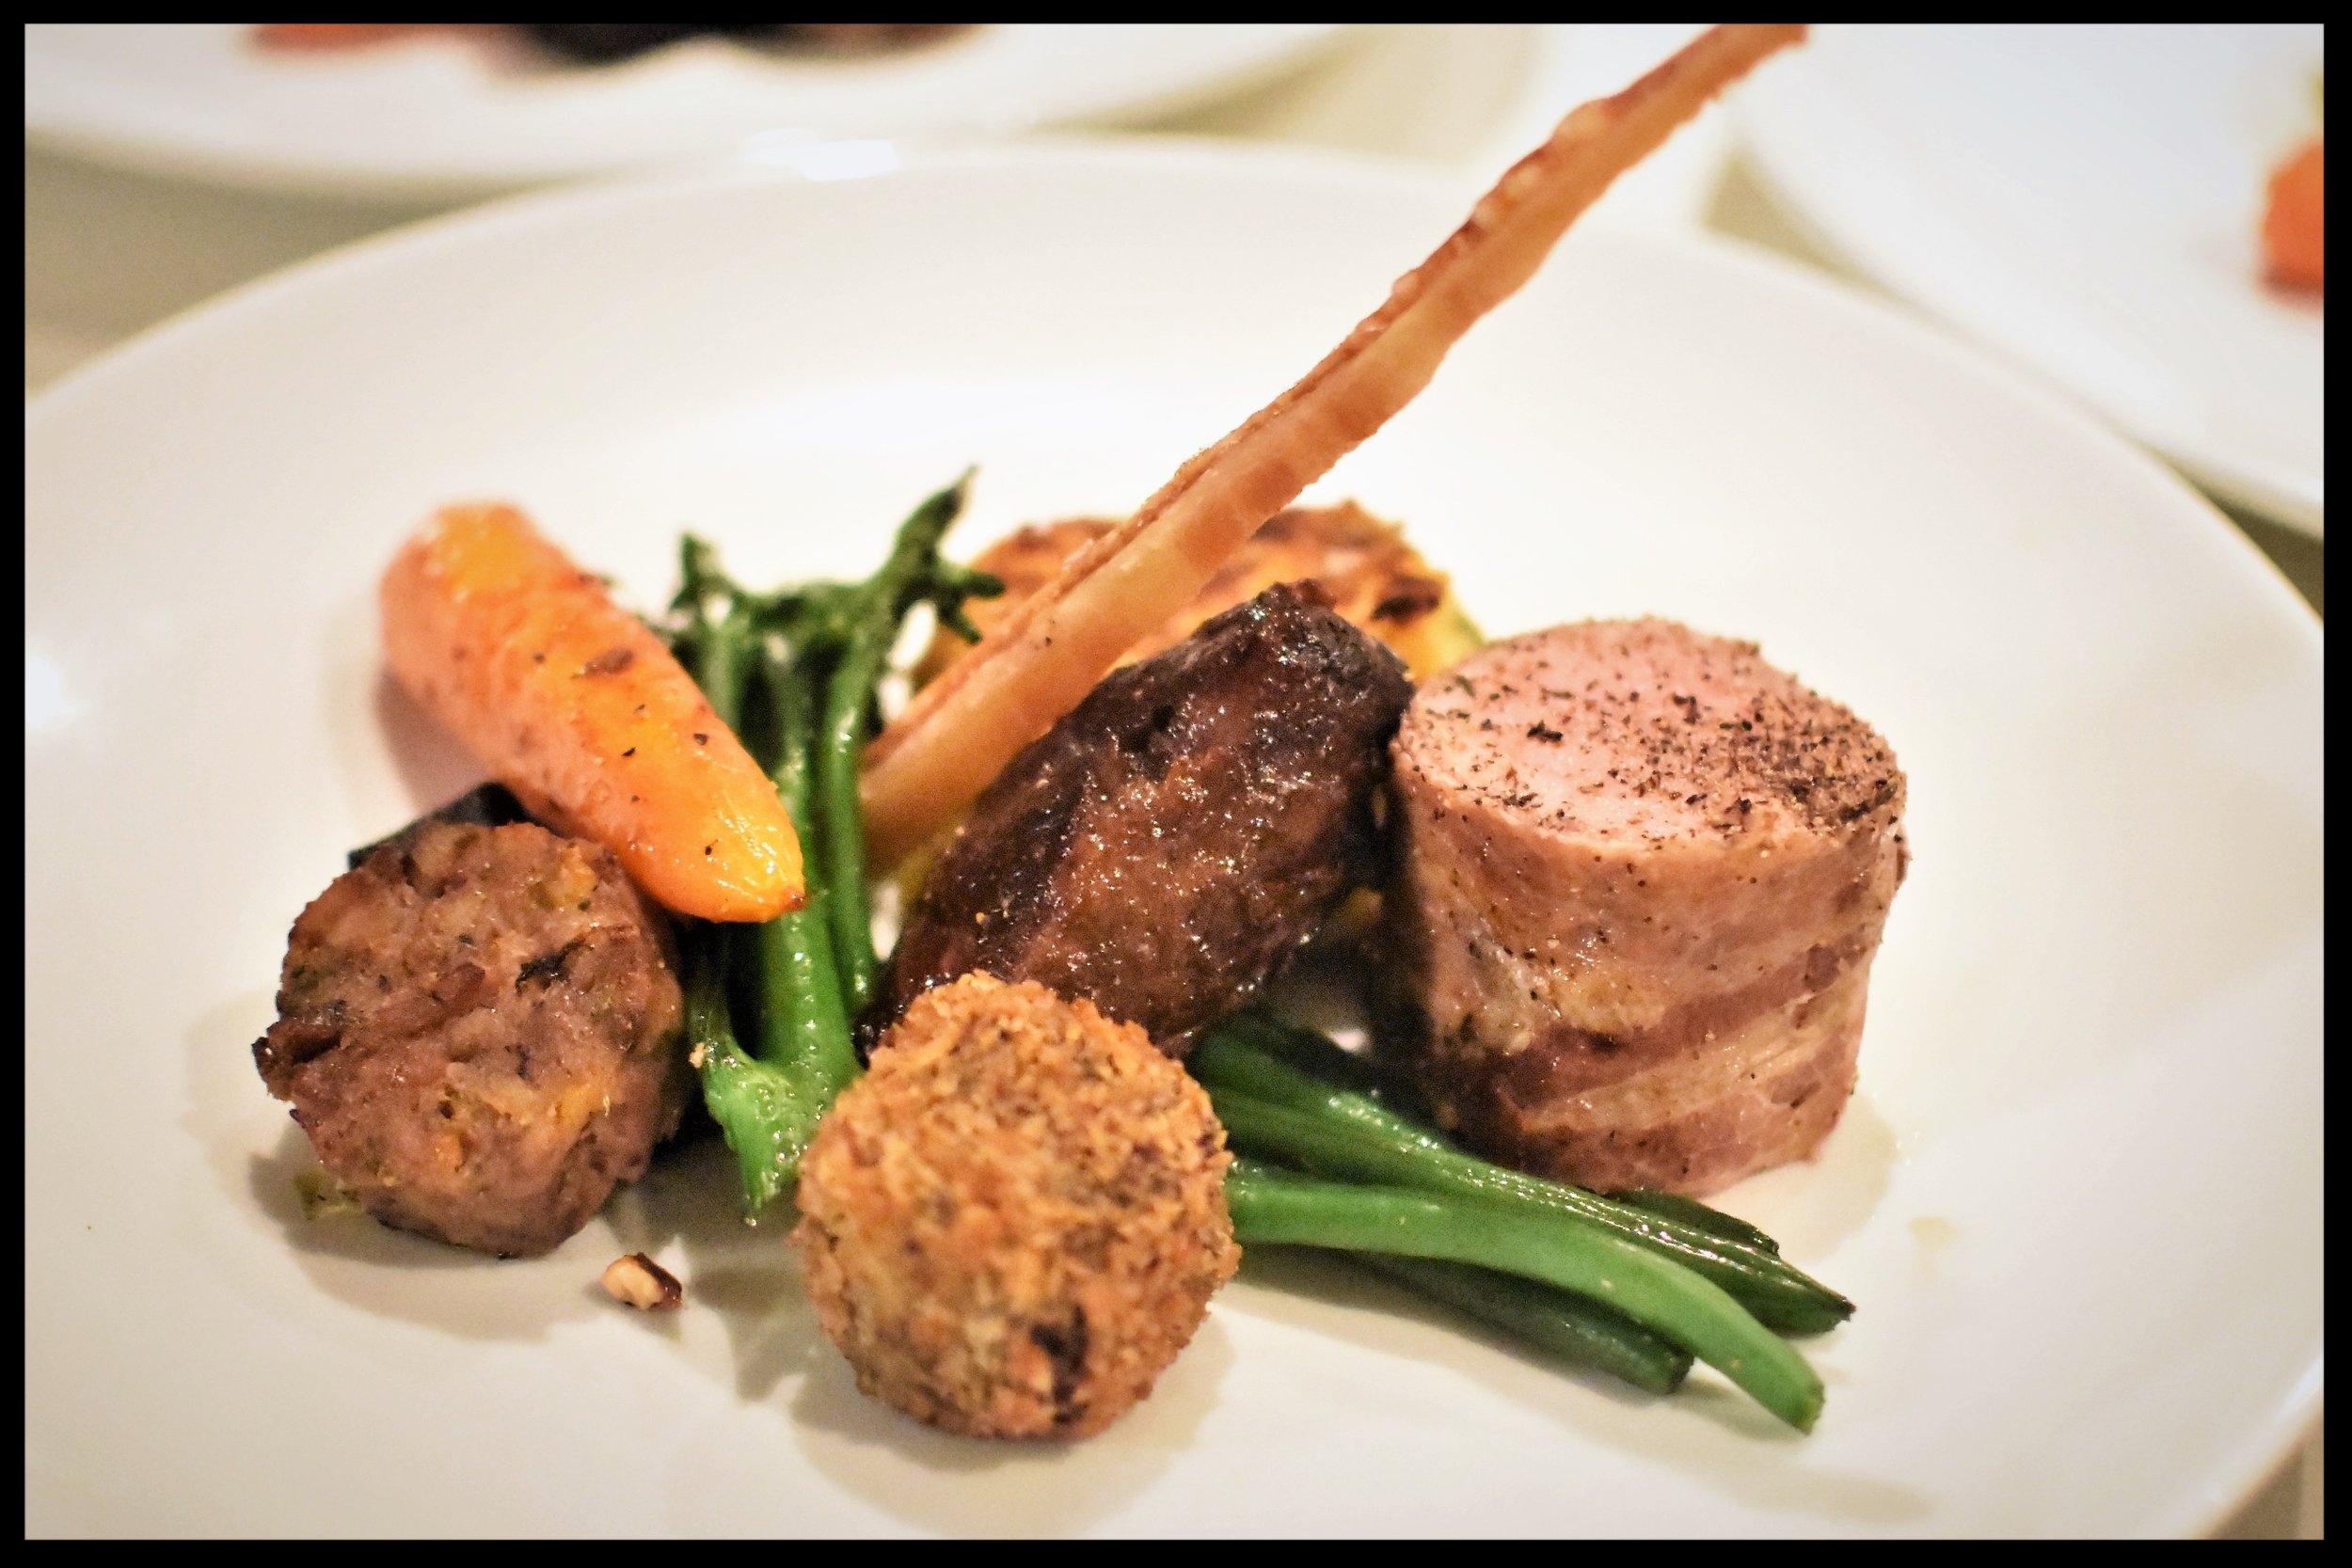 Assiette of Hampshire pork